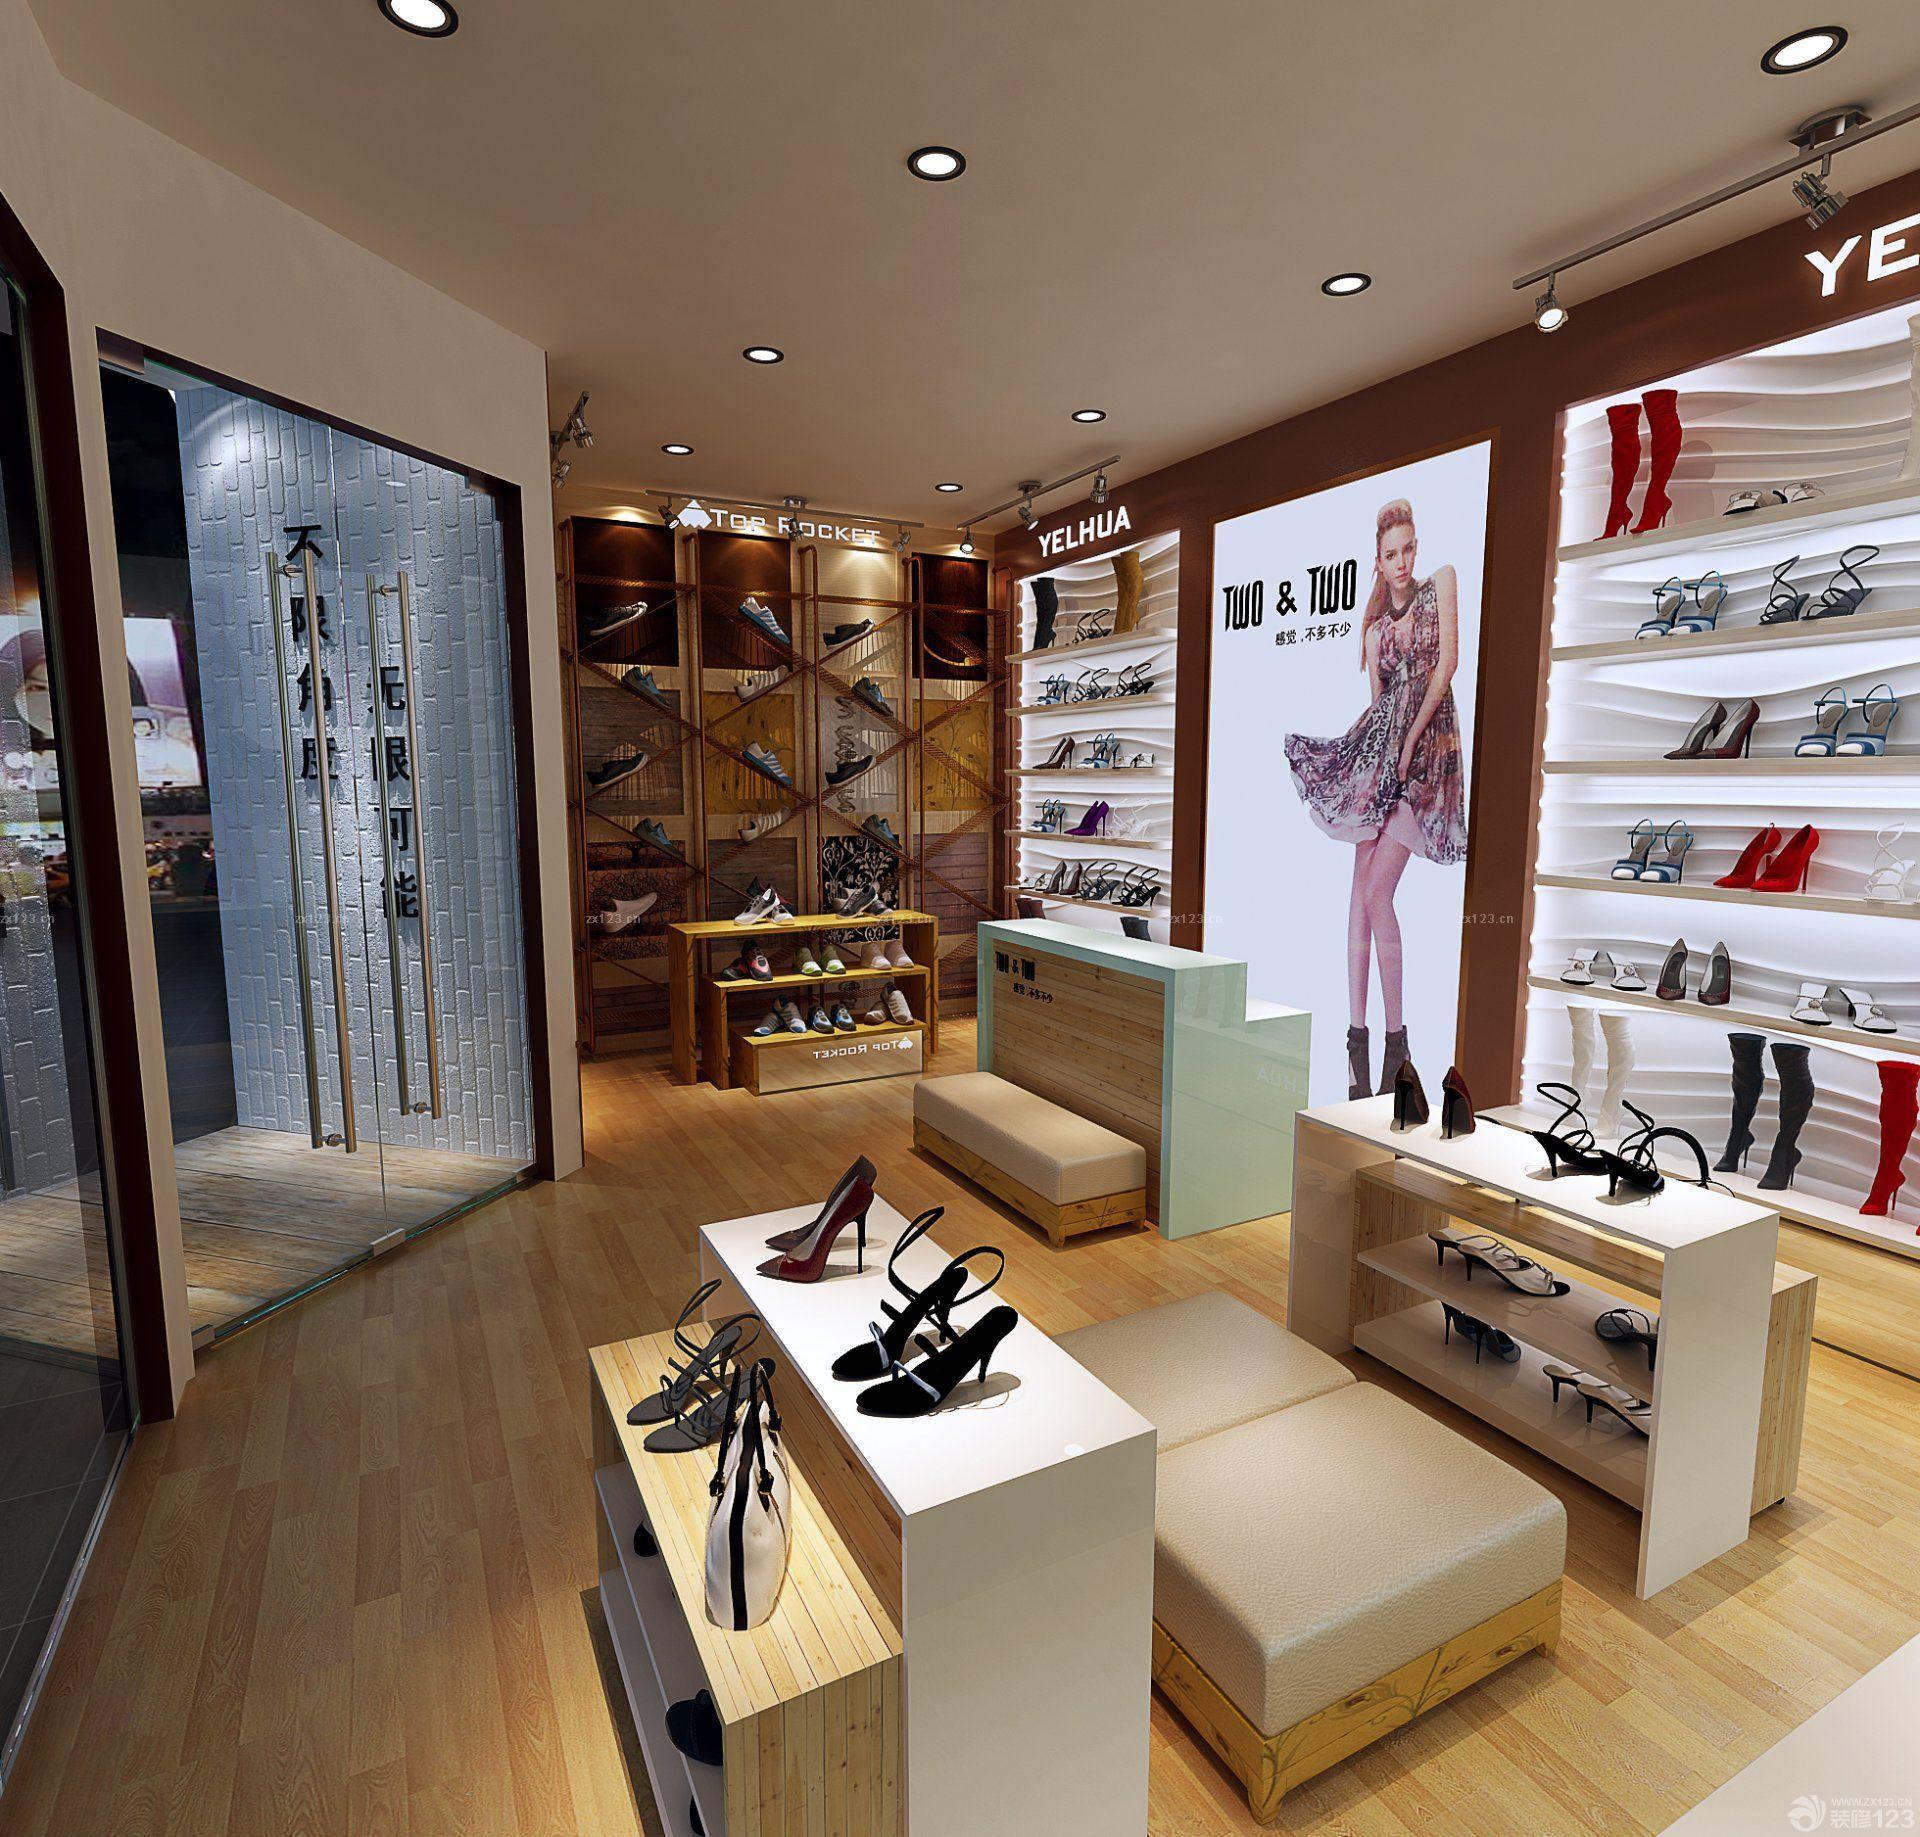 个性鞋店鞋架背景墙设计效果